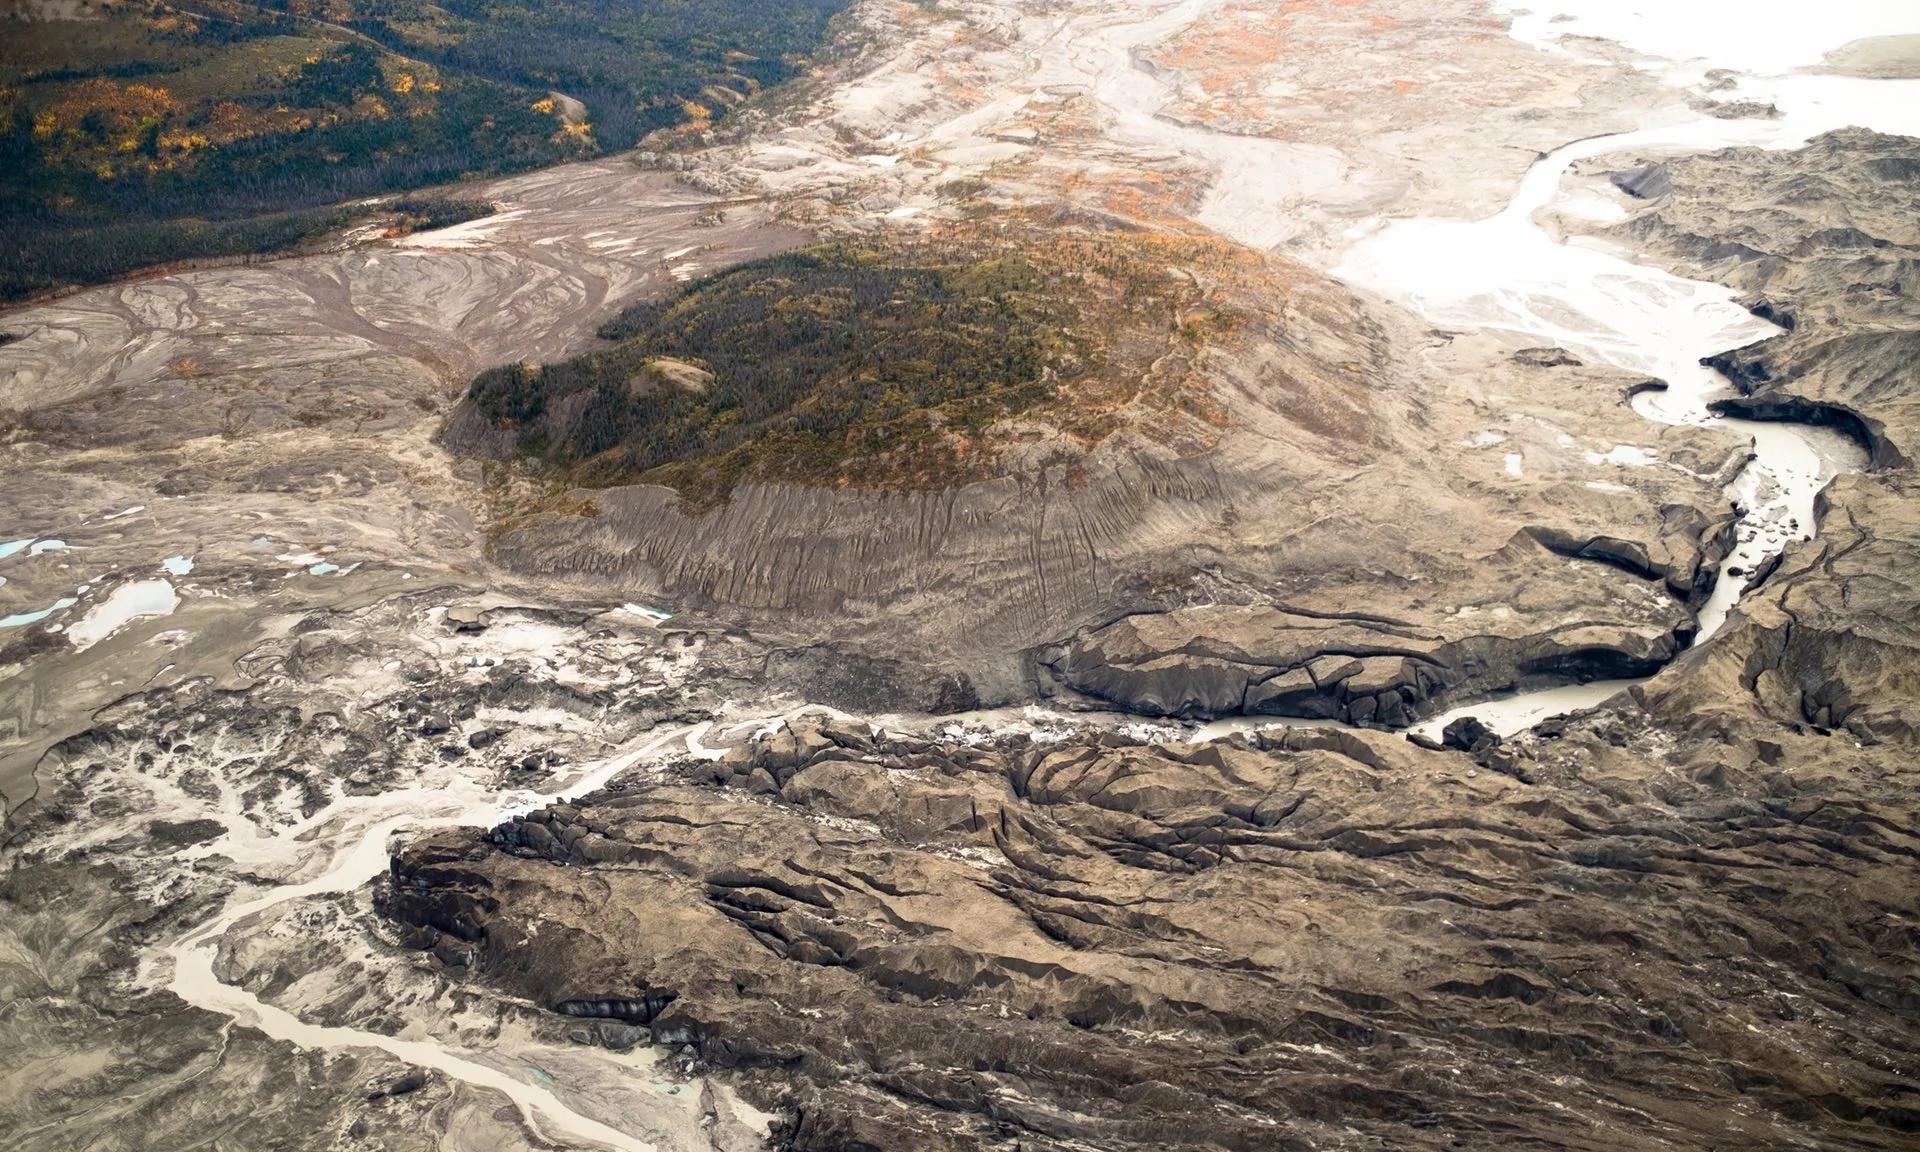 加拿大一条300年历史的大河4天突然消失